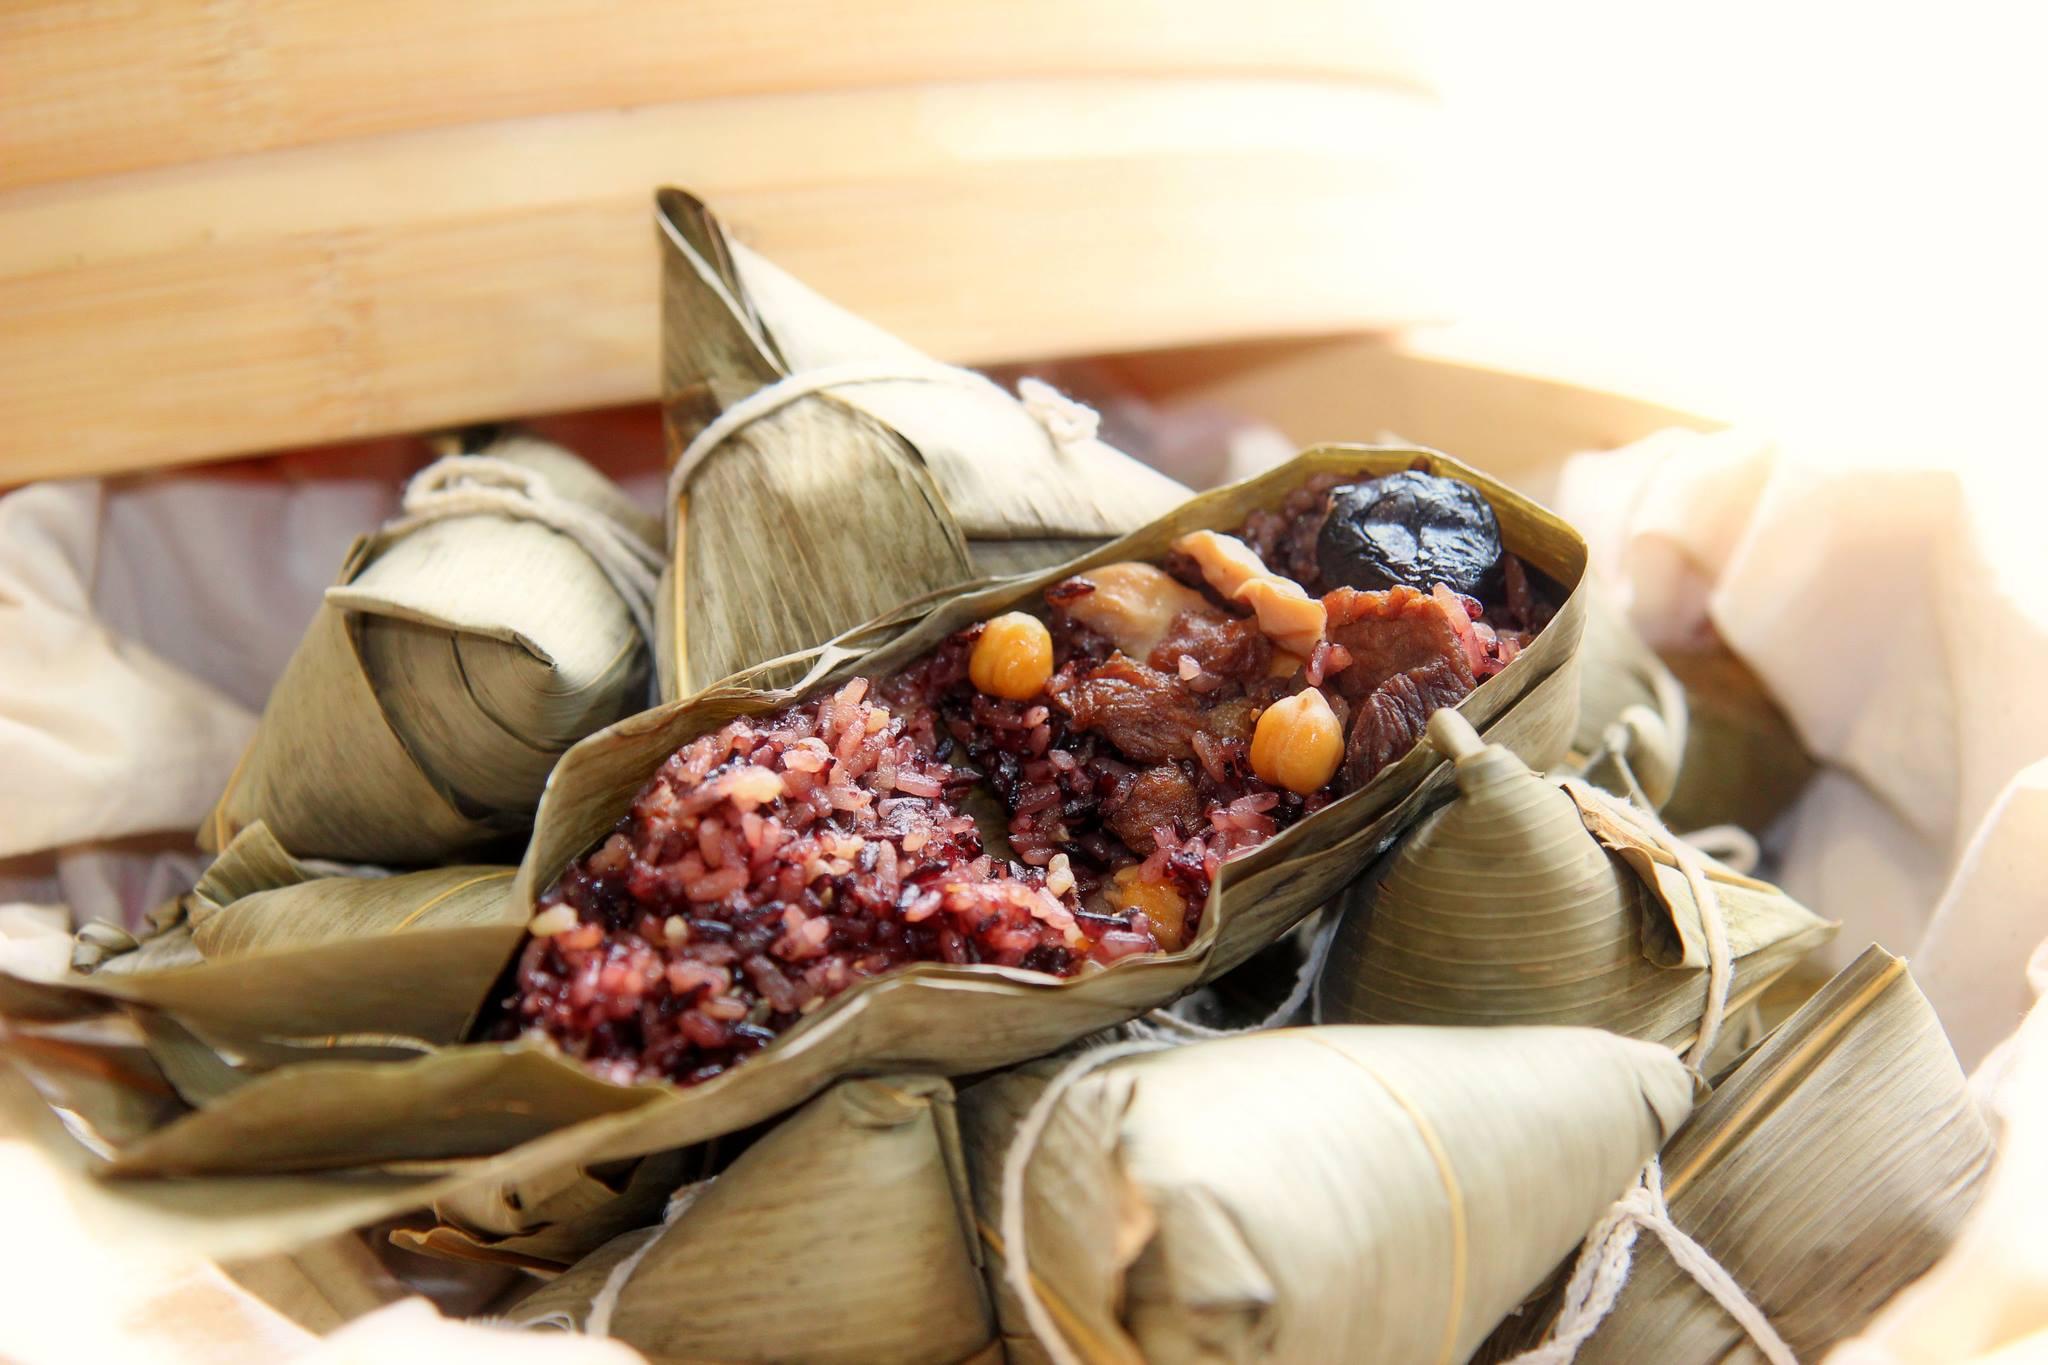 粽子也可以是輕食|端午節必吃的健康低熱量粽子